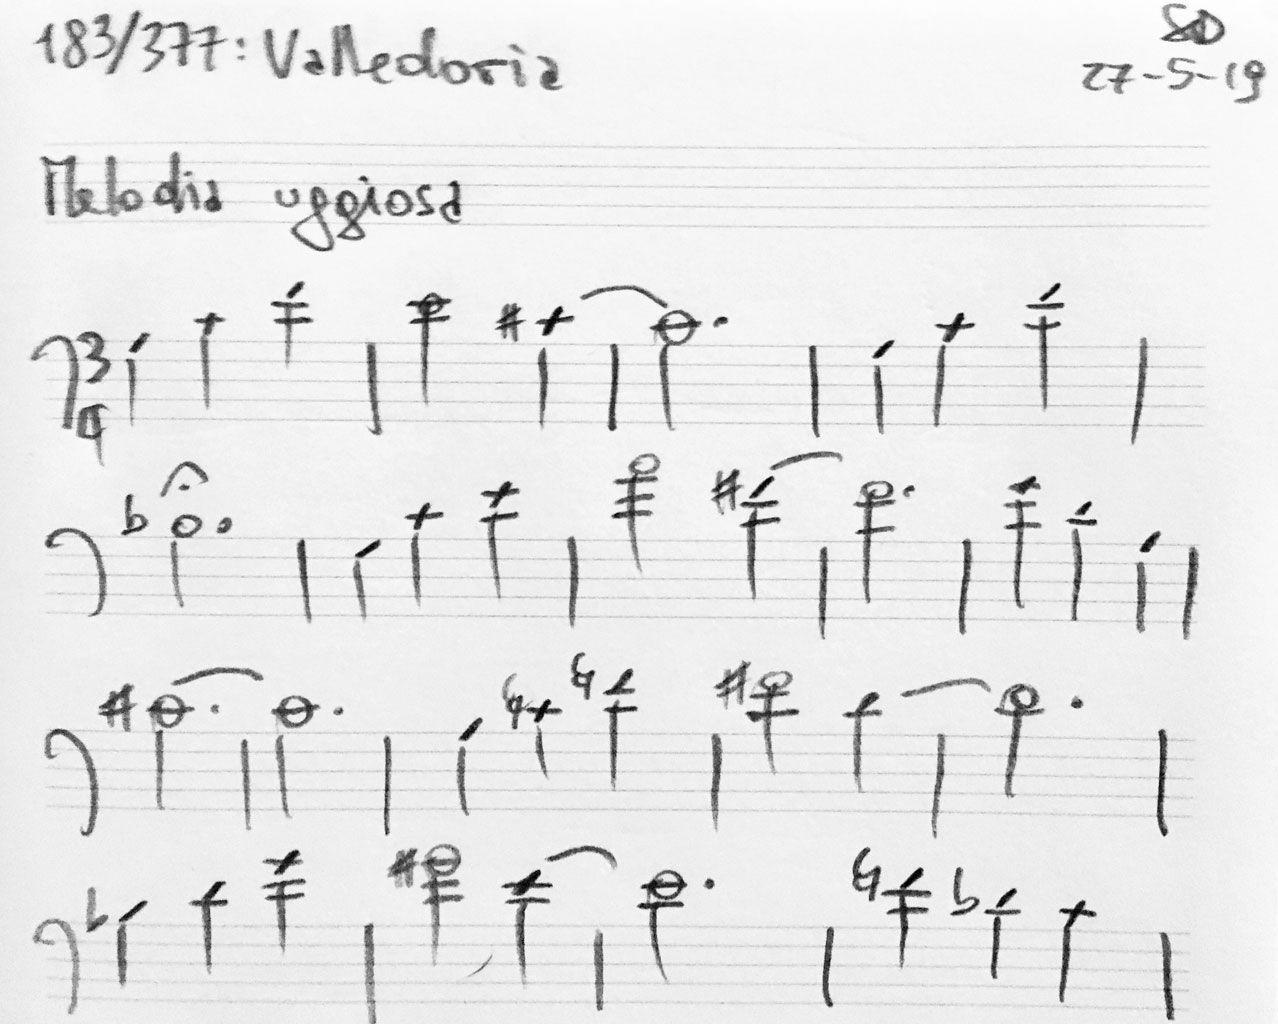 183-Valledoria-score